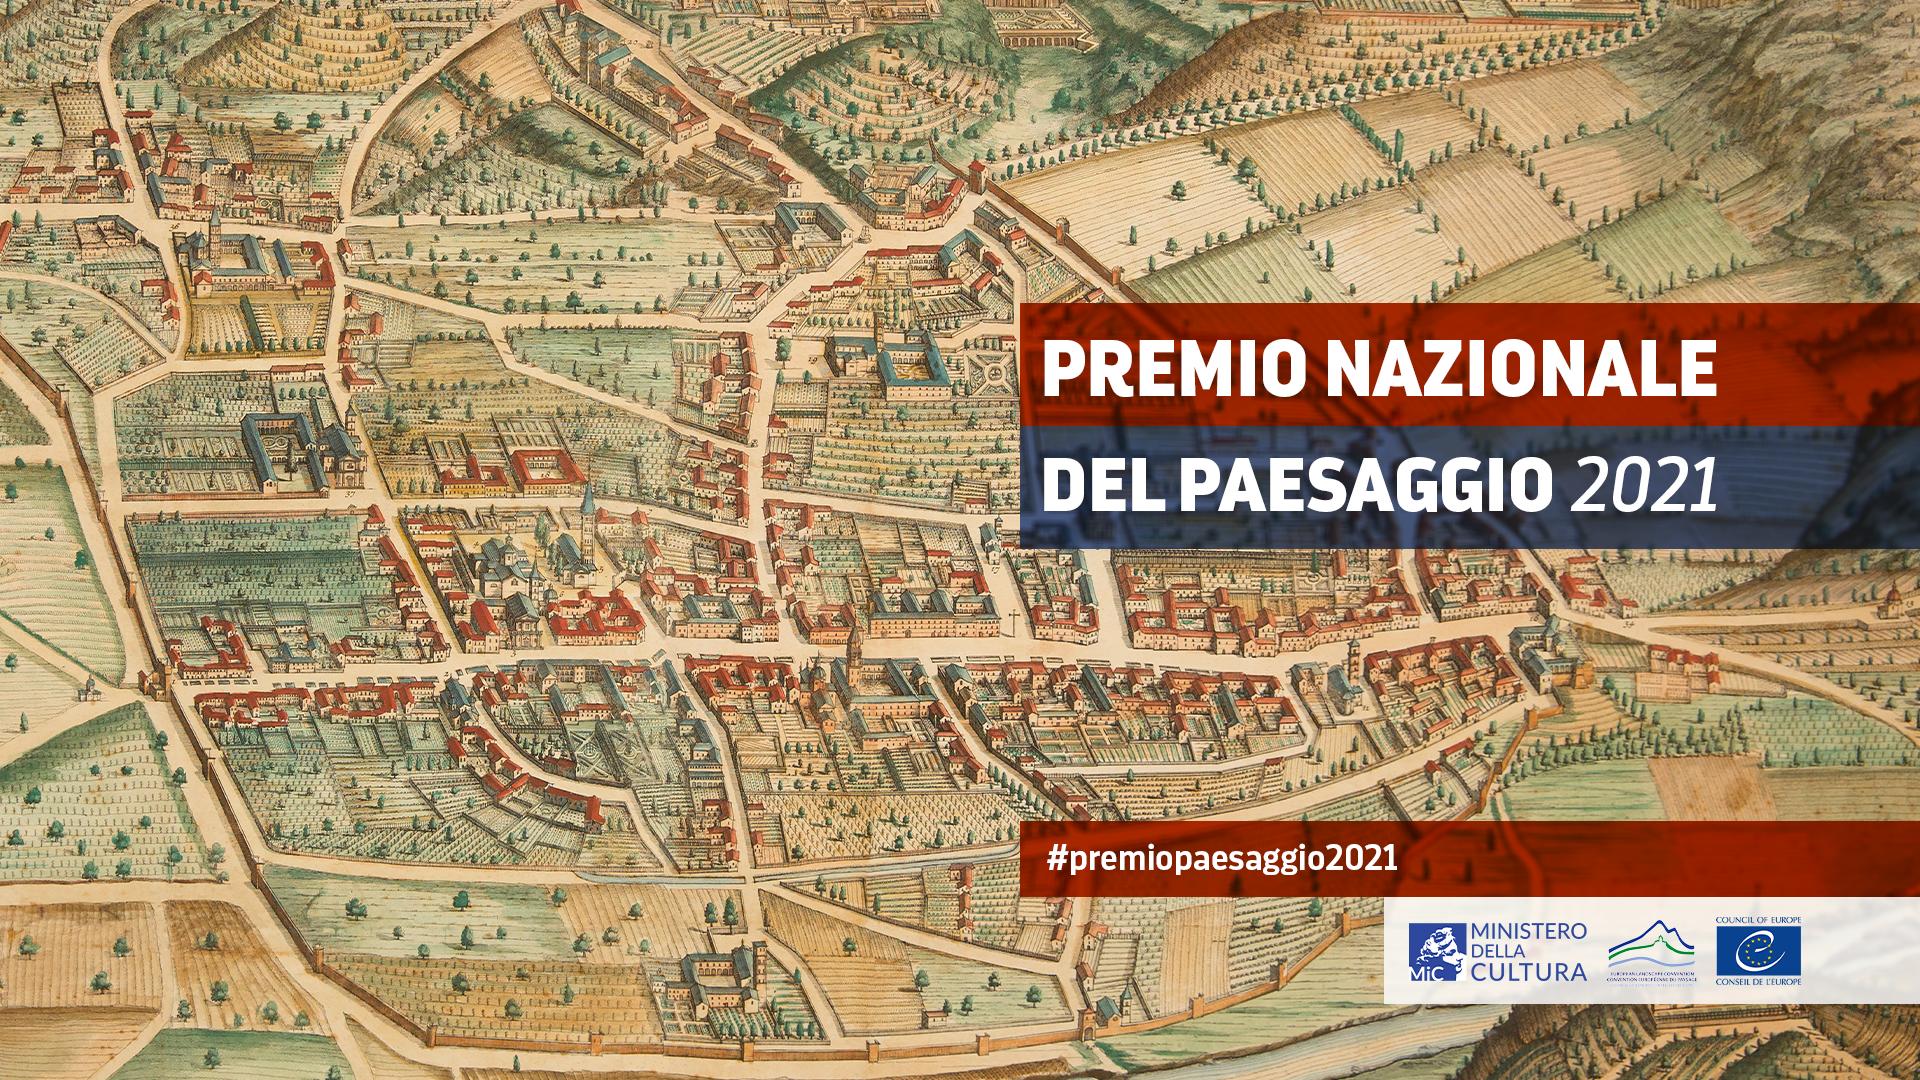 GIORNATA NAZIONALE DEL PAESAGGIO - 2021